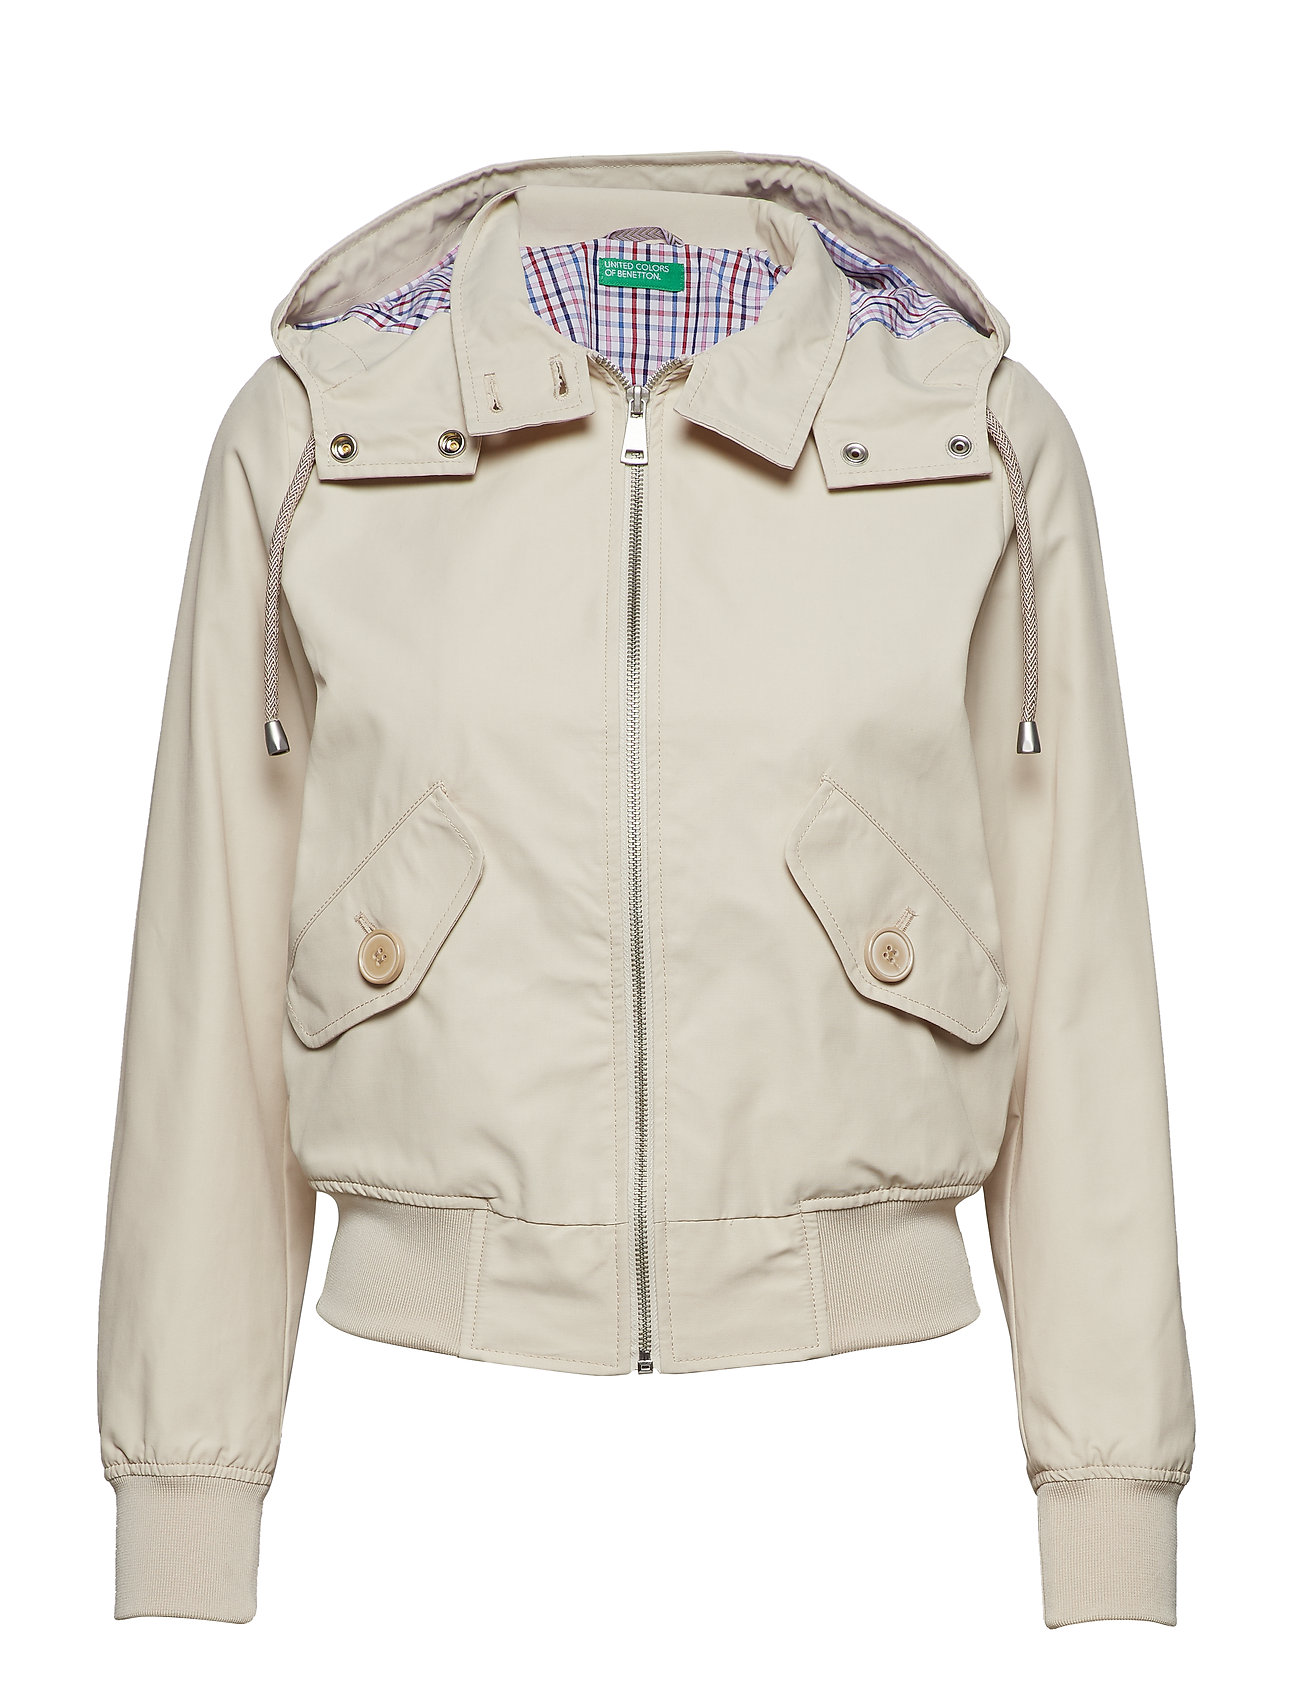 Image of Jacket (3118685261)